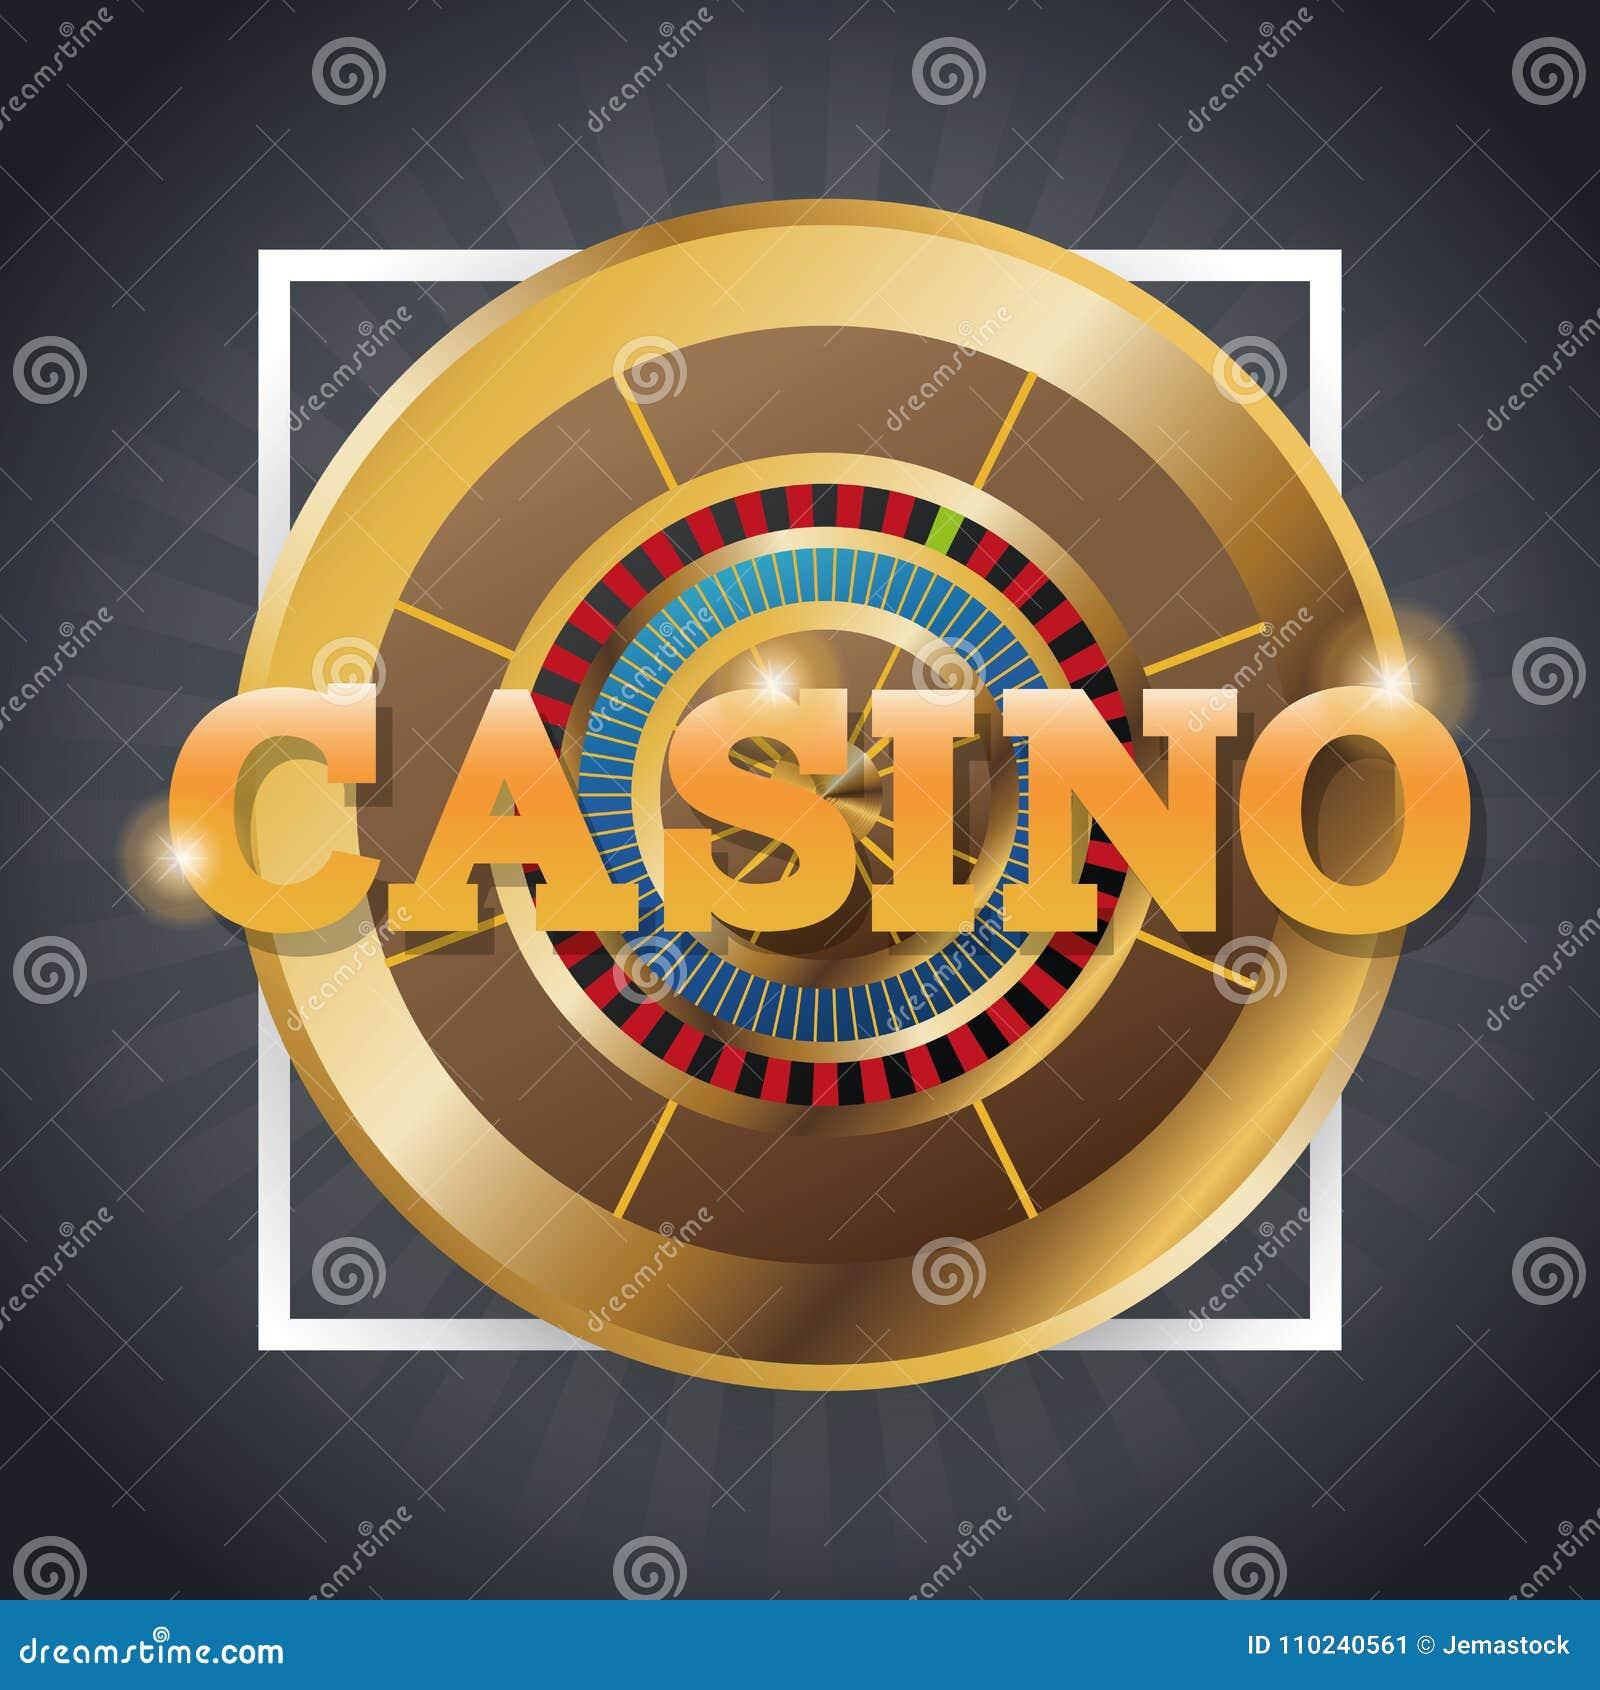 Roulette Of Casino Inside Frame Design Stock Vector - Illustration ...